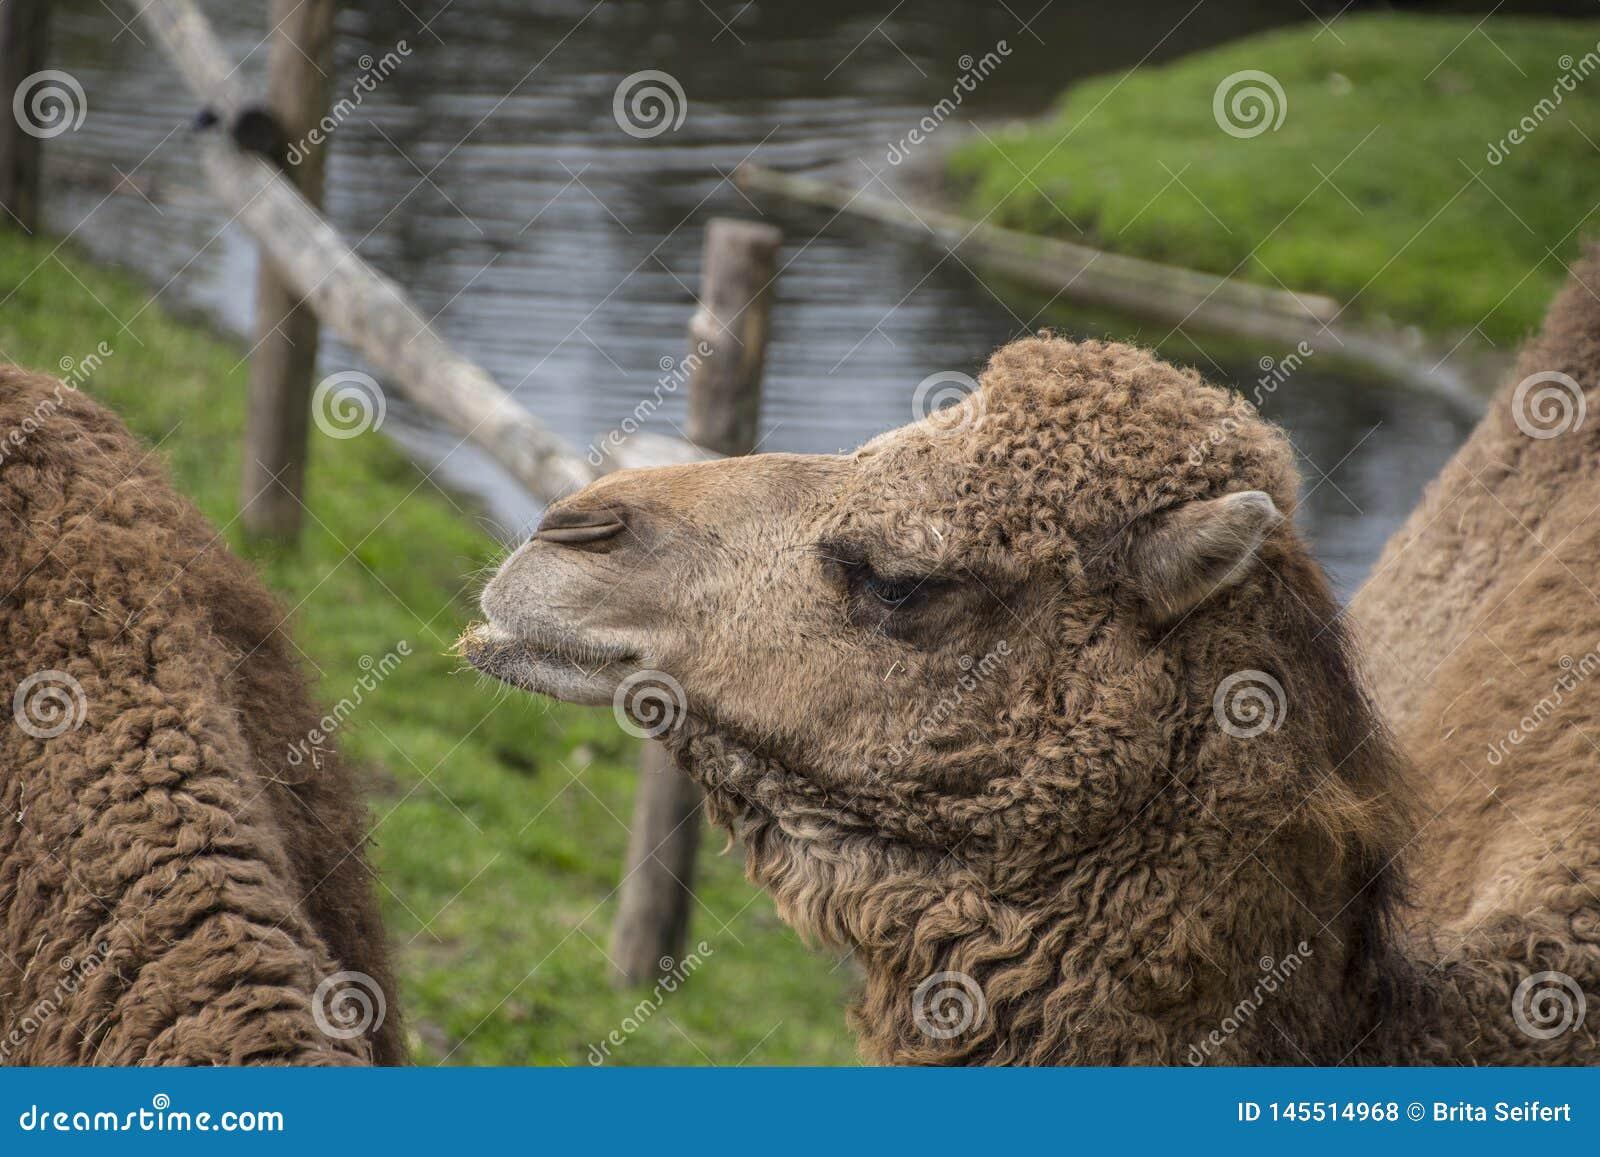 De Bactrische kameel, Camelus-bactrianus is groot, gelijk-toed ungulate inwoner aan de steppen van Centraal-Azi